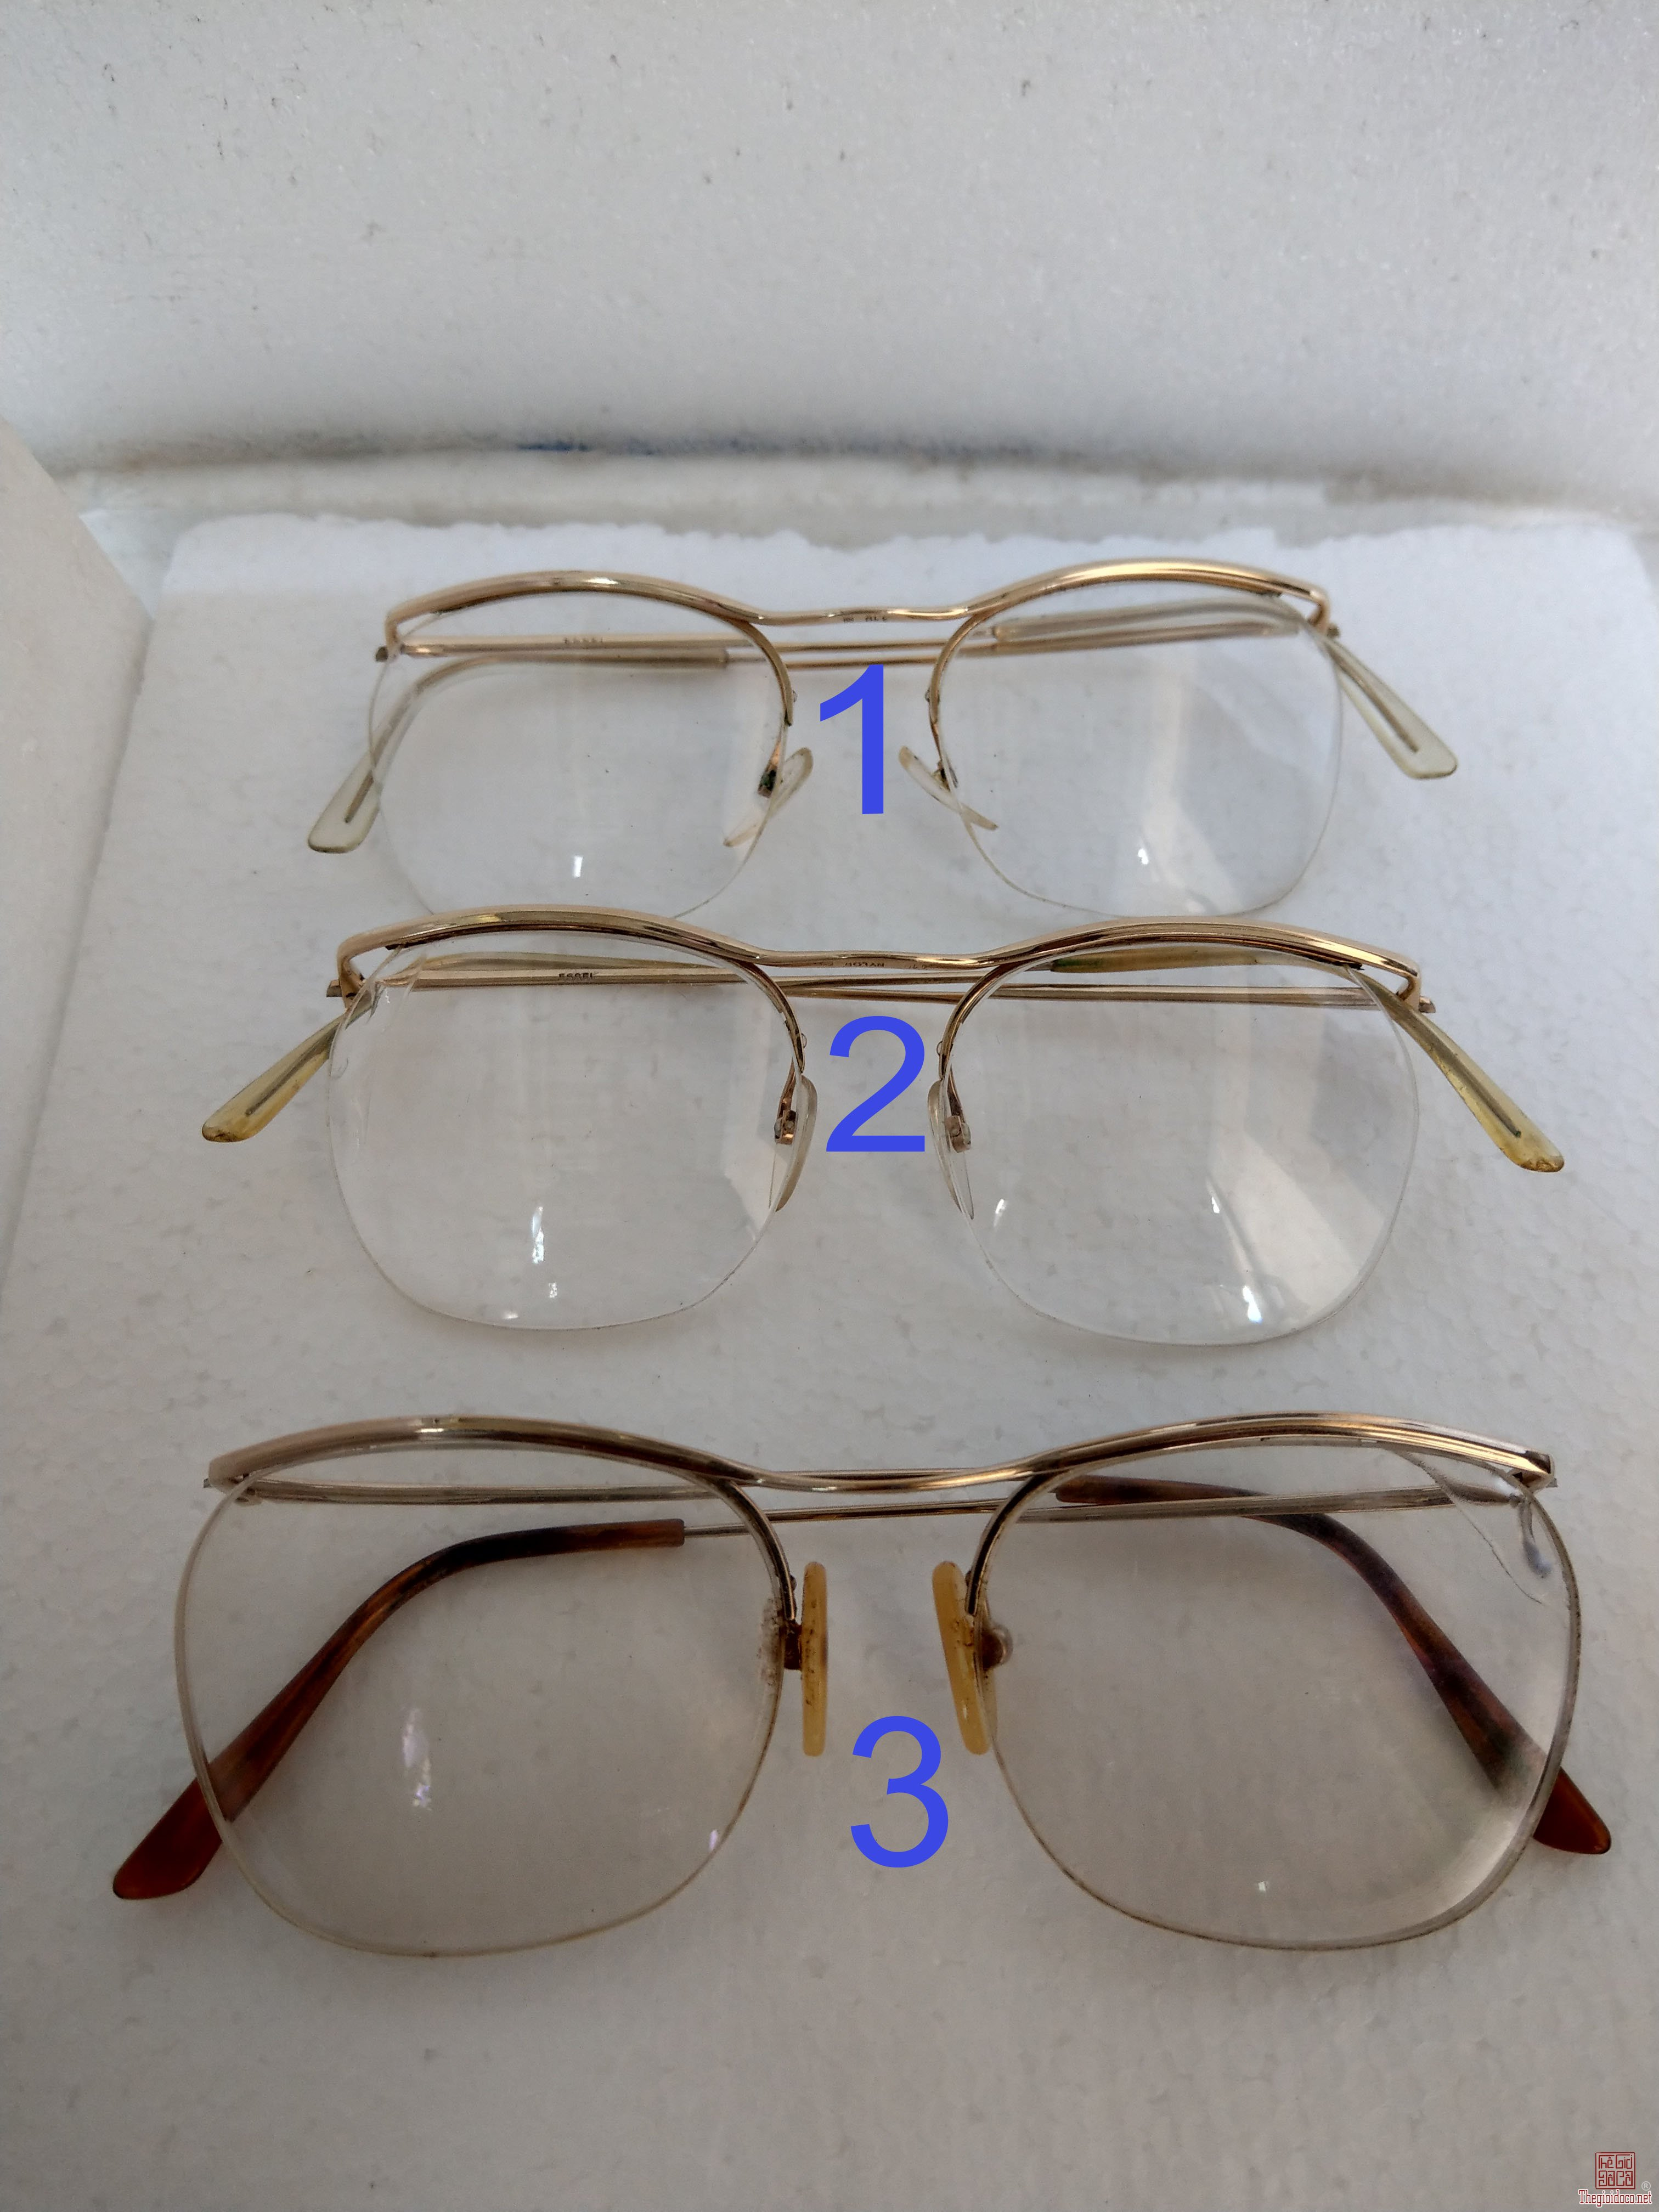 Có 3 cái kính cổ mới về mạ vàng, bọc vàng có đầy dủ hết, 2 cái ESSEL và 1 cái Nylor. Tất cả của Pháp